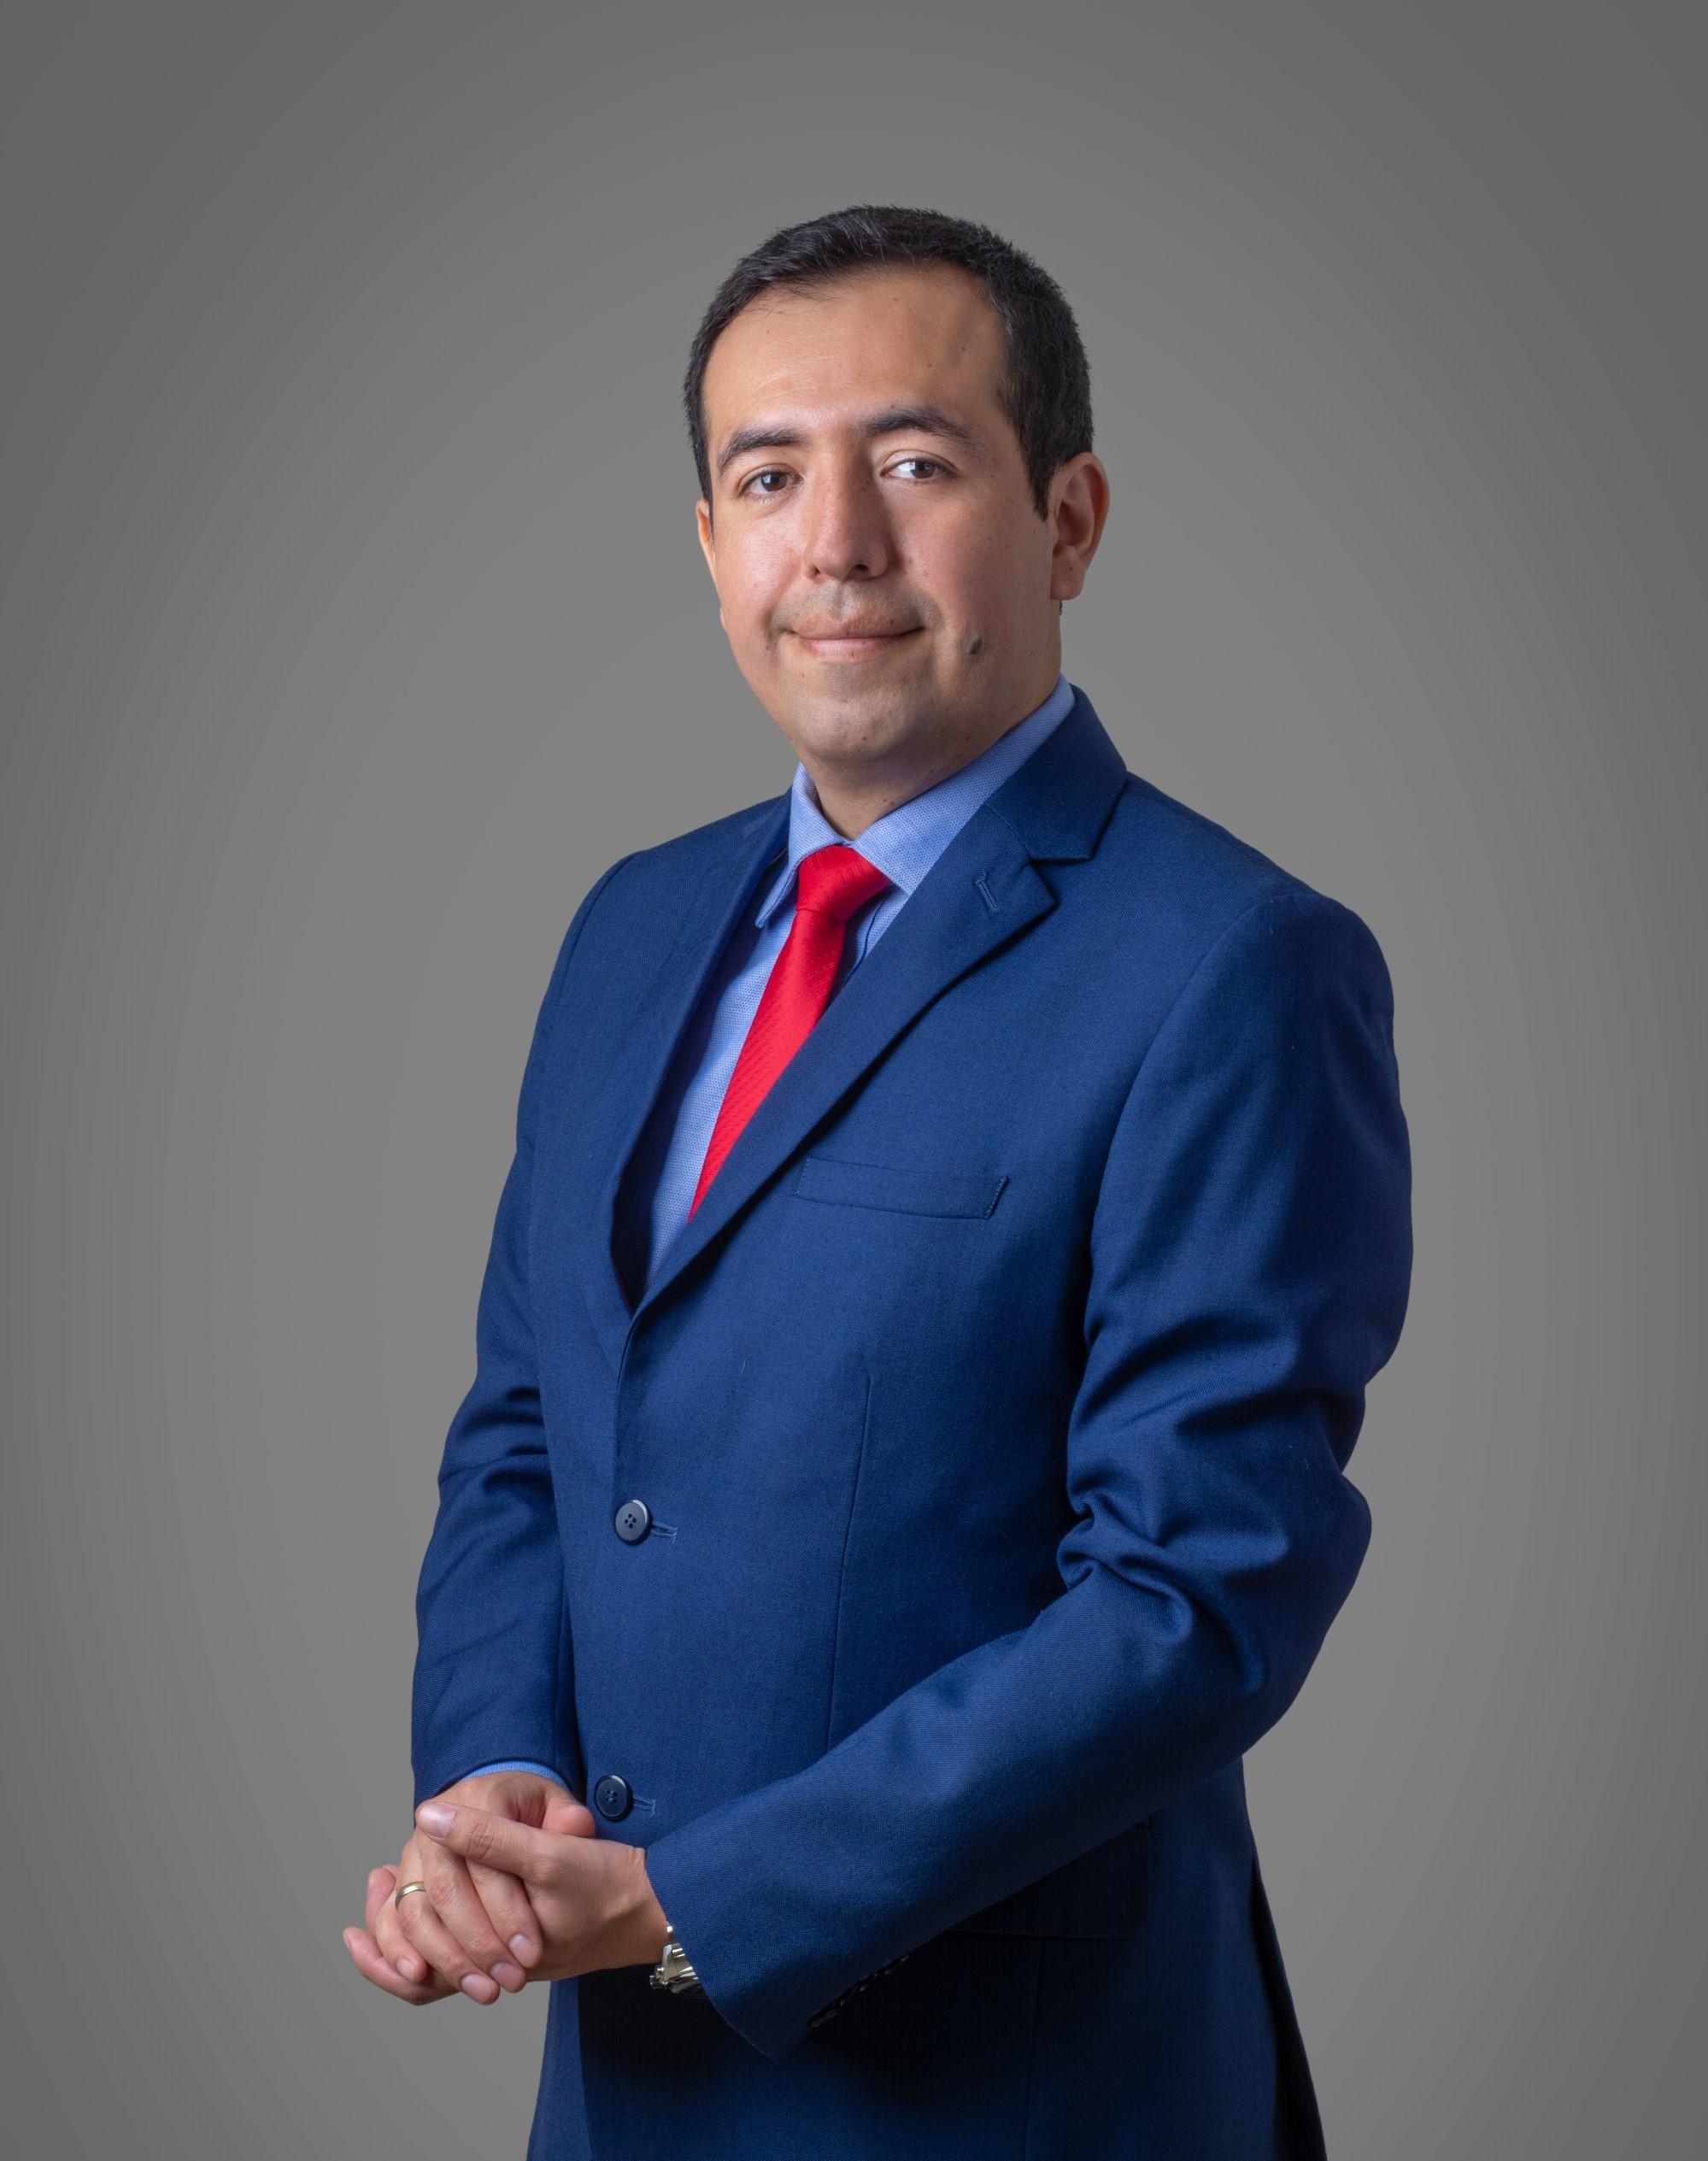 Alan Villafuerte Escalante